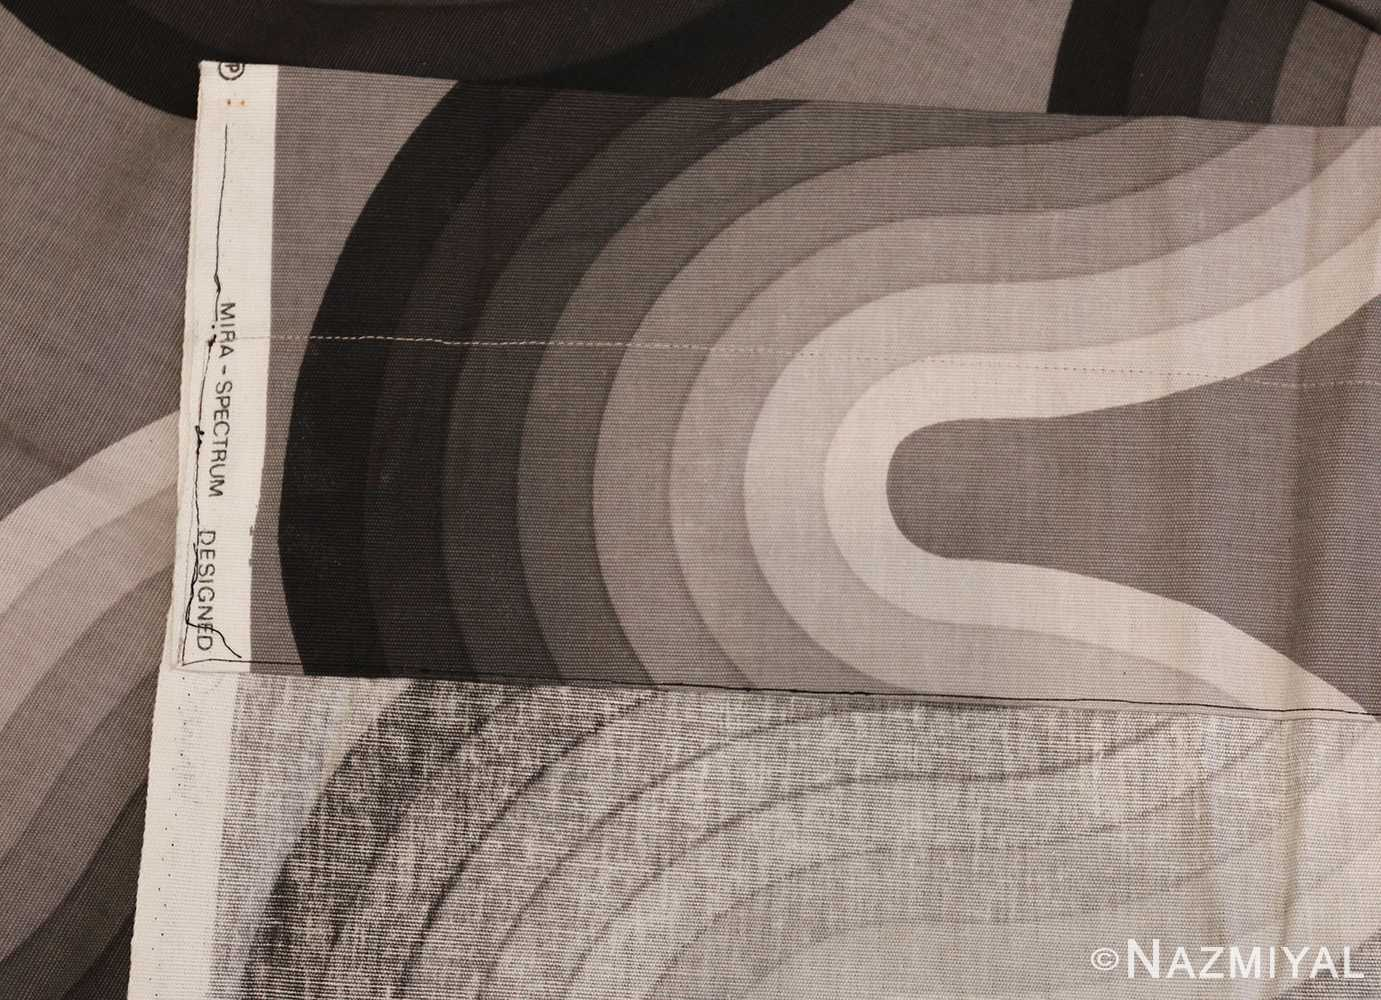 vintage kurve verner panton textile 47811 design Nazmiyal